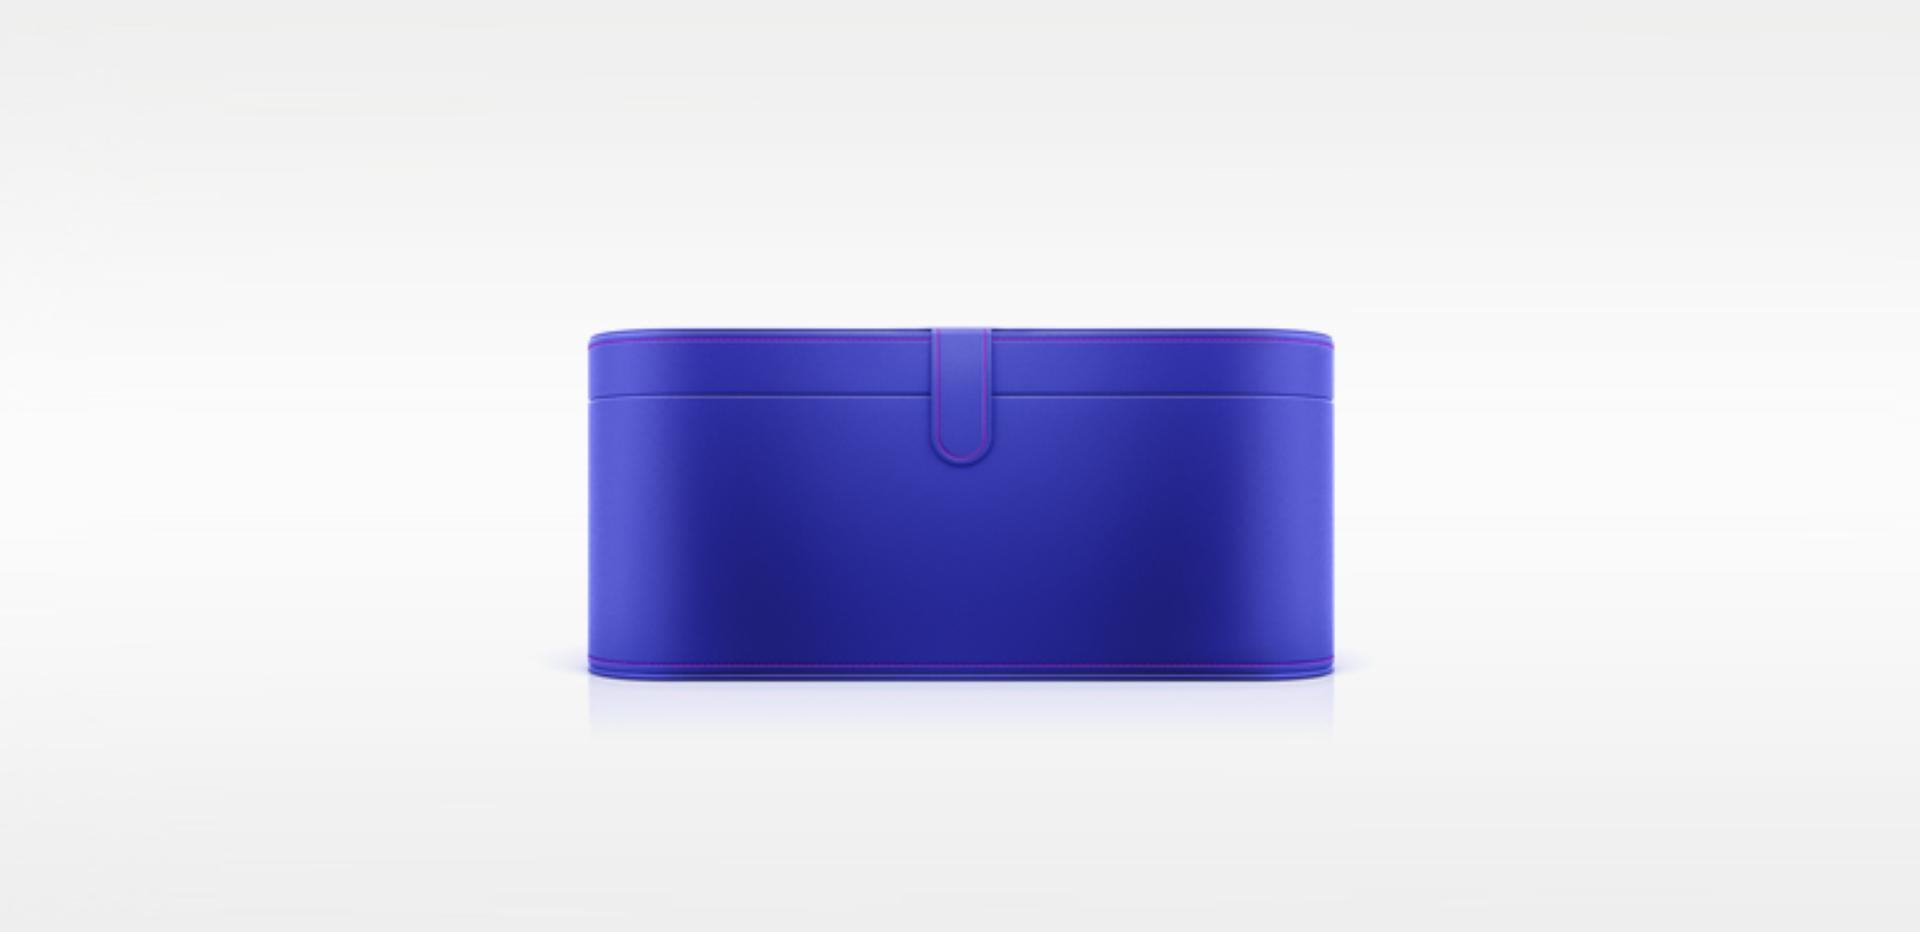 Cobalt blue presentation case